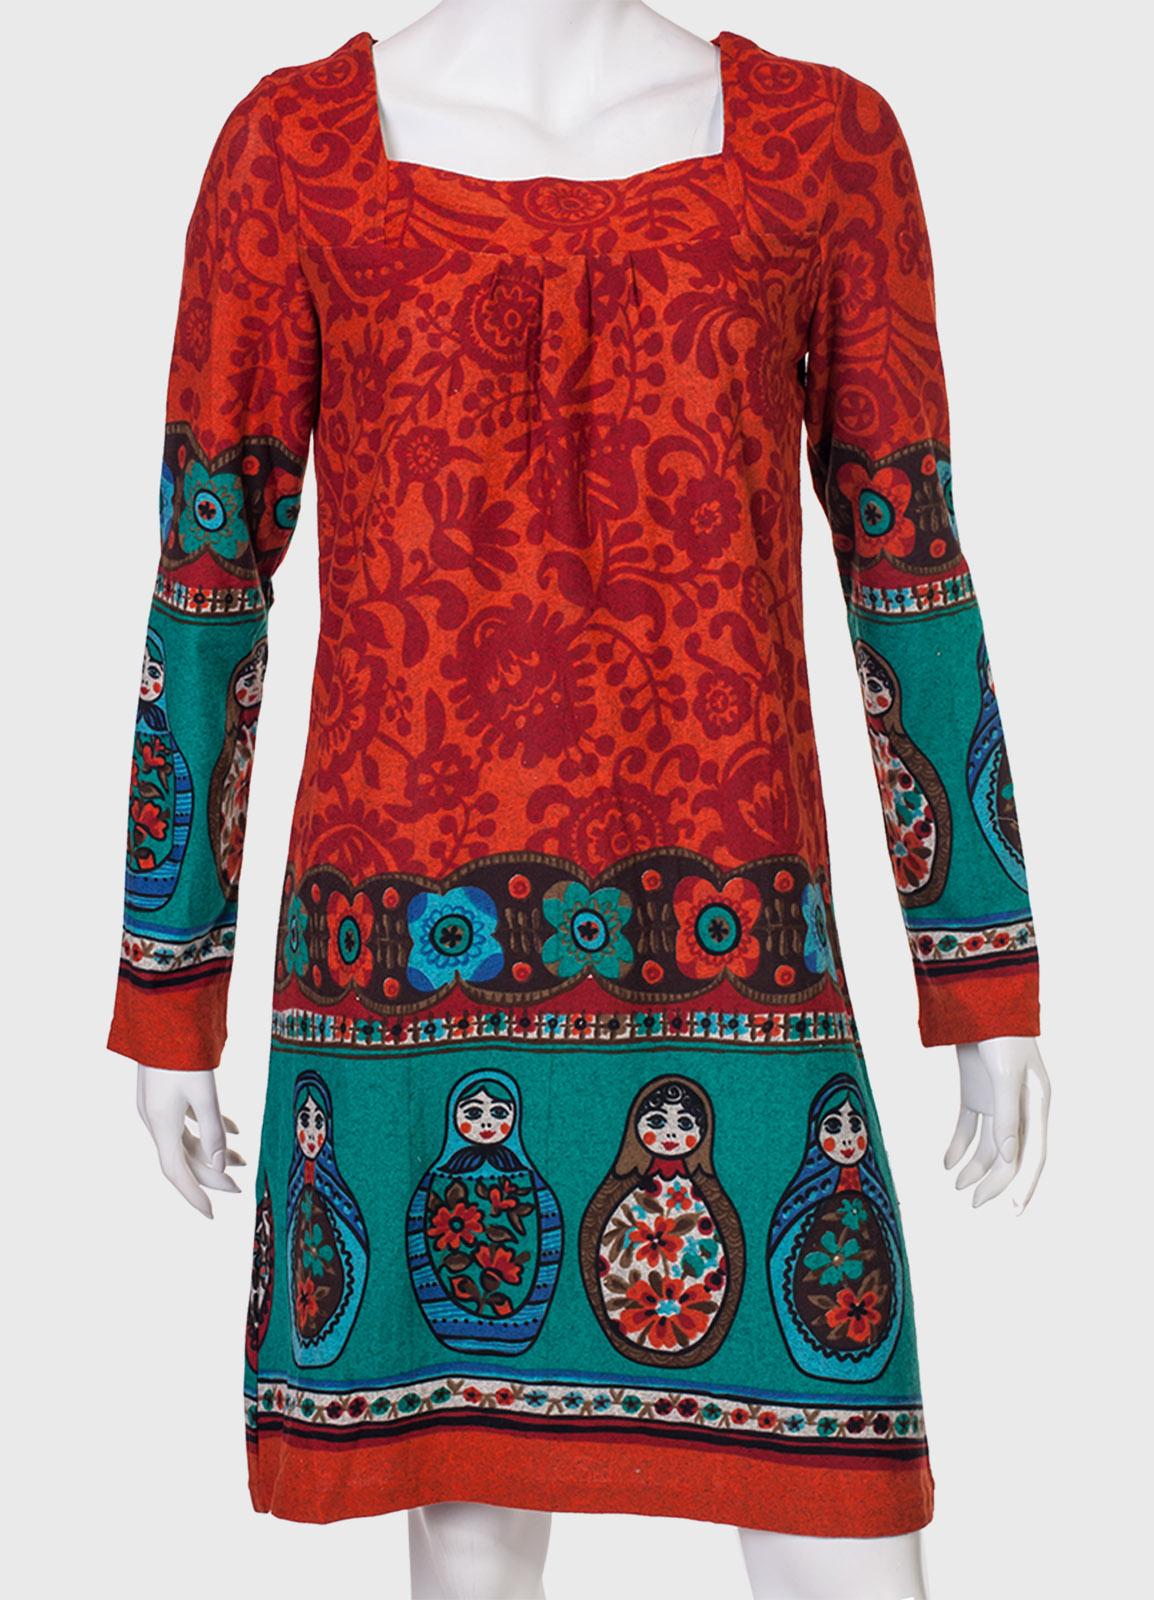 Купить милое платье с матрешками от бренда Palme